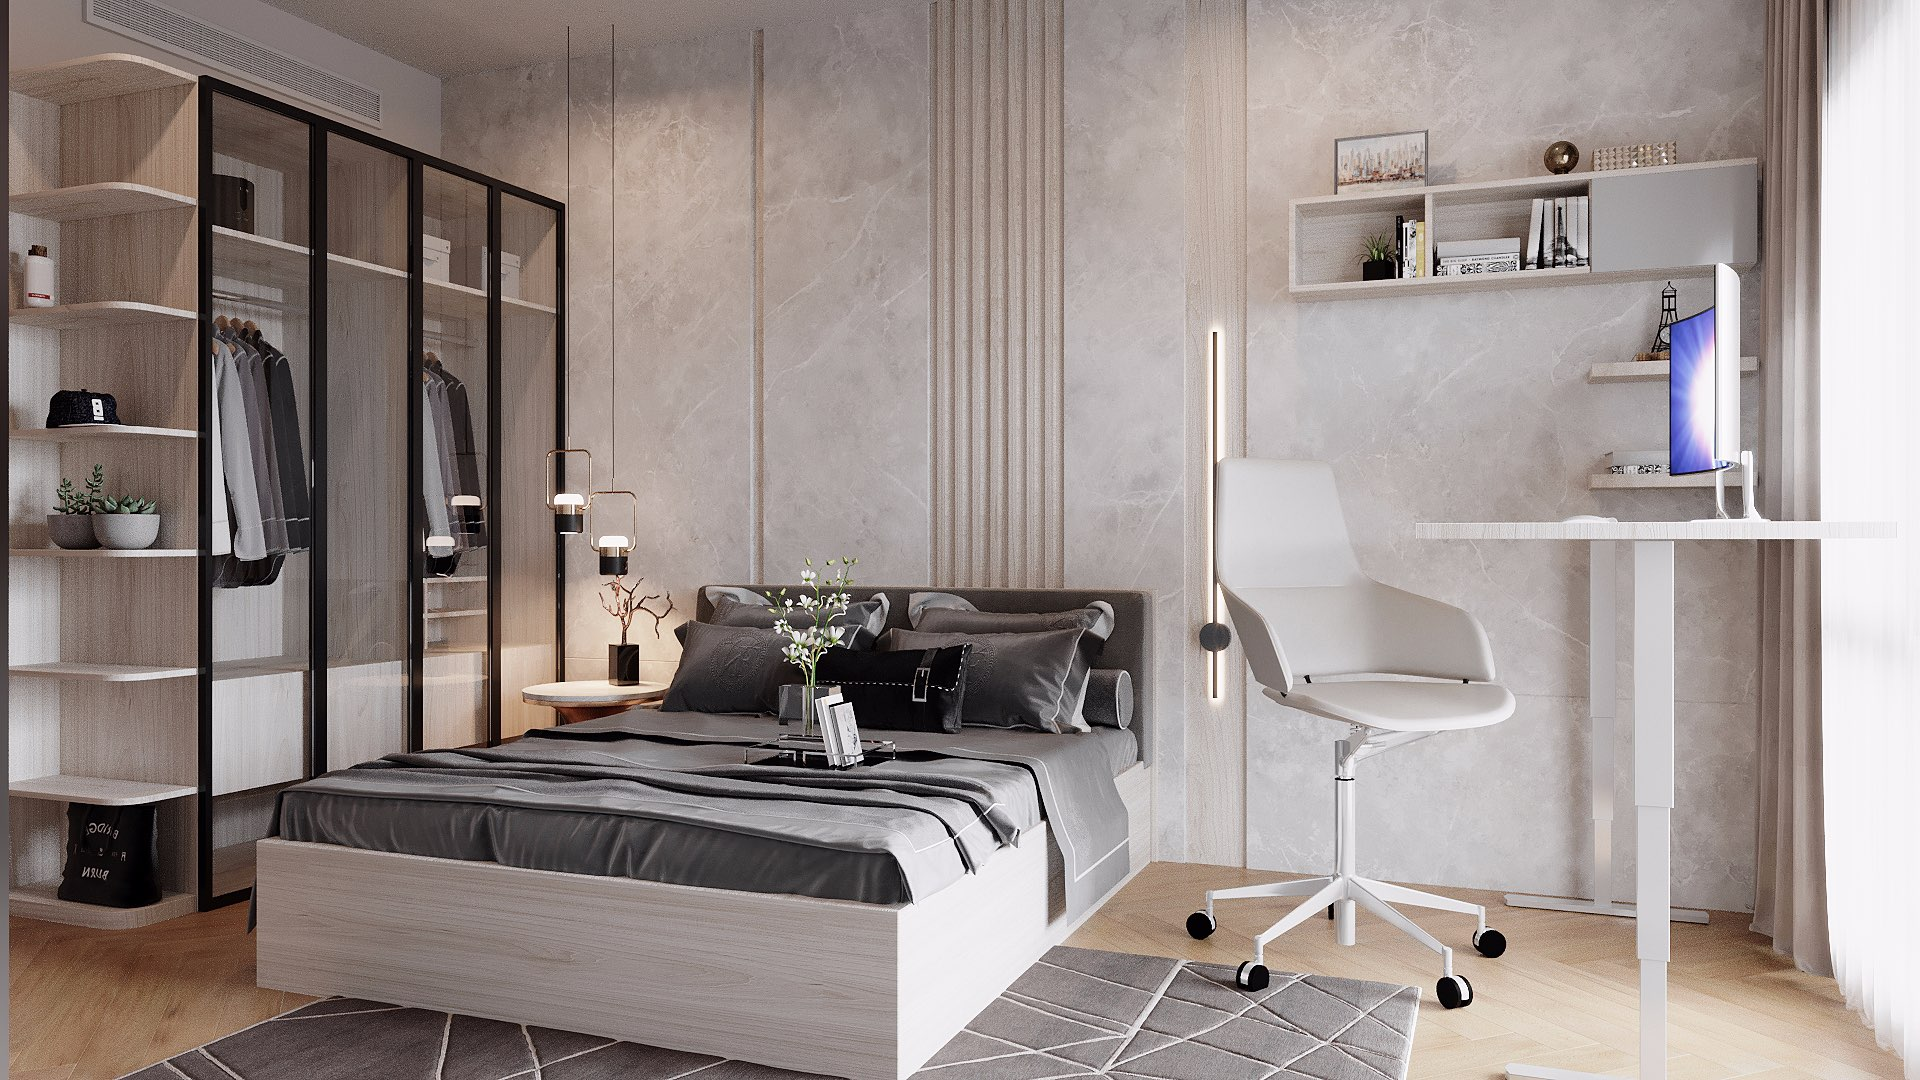 Chiếc giường ngủ MDF phủ Melamine vân gỗ sáng khi kết hợp với tủ quần áo, kệ để đồ, bàn, ghế, tường, sàn tông màu nâu vân gỗ sáng - trắng - xám nhạt sẽ tạo nên một bức tranh màu sắc hoàn hảo, nhã nhặn, nền nã.